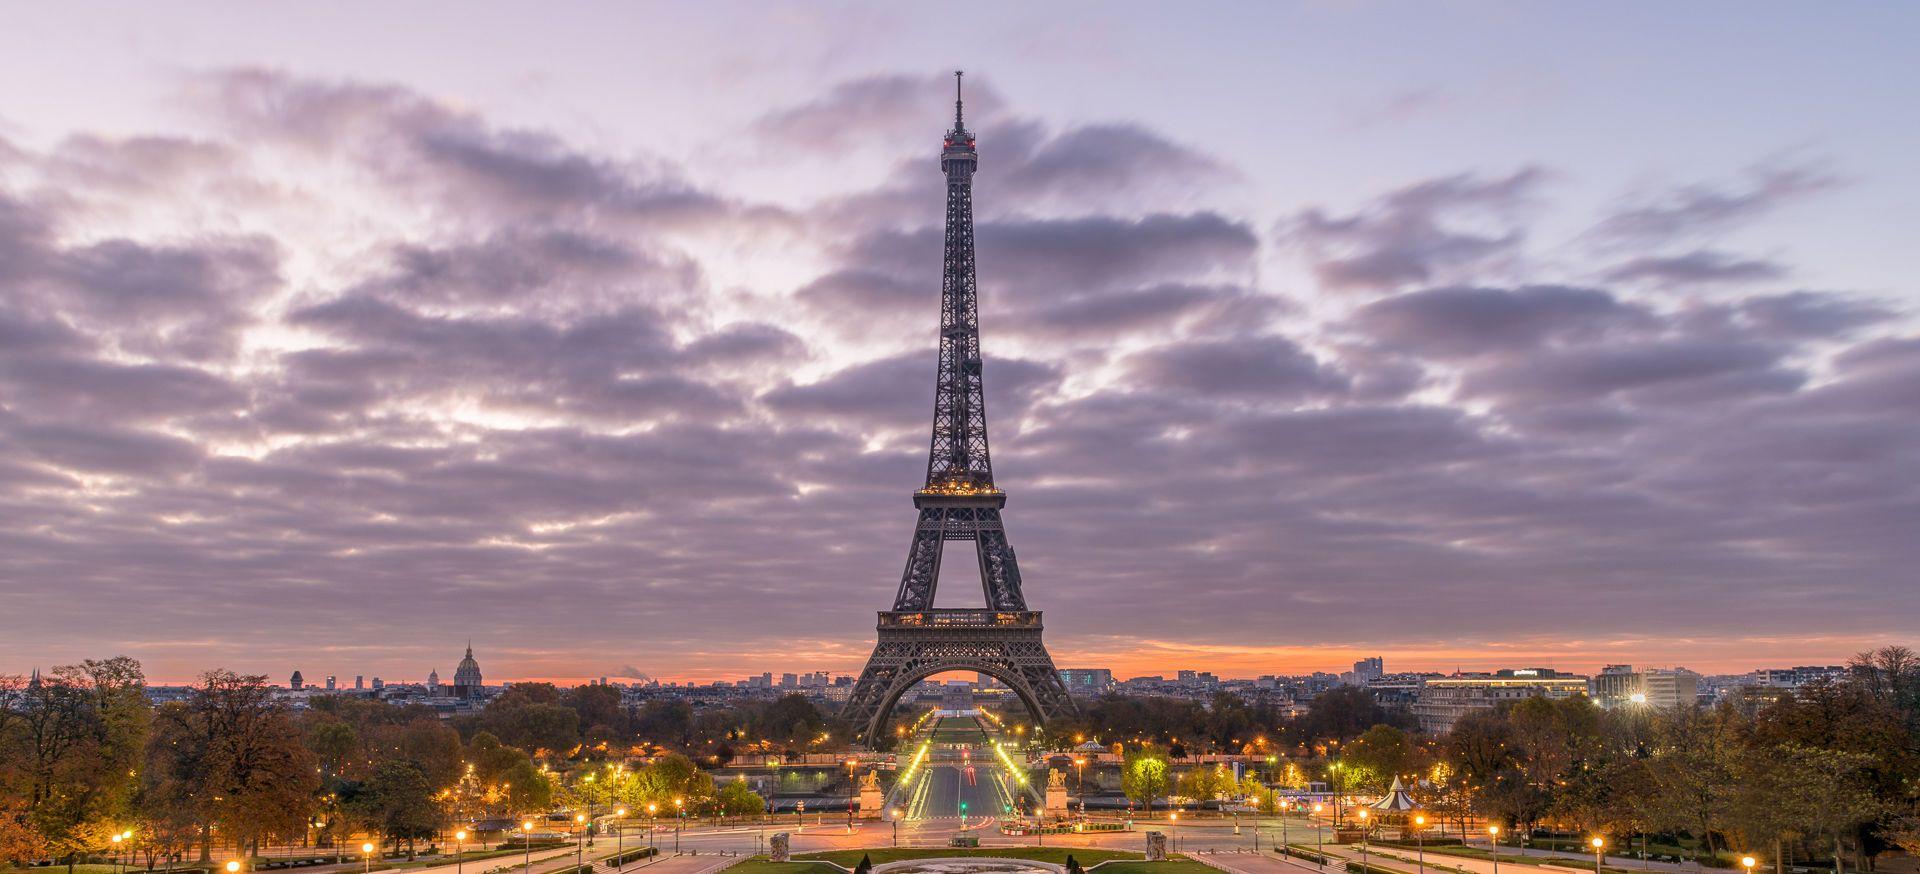 Ейфелева вежа, Париж_2